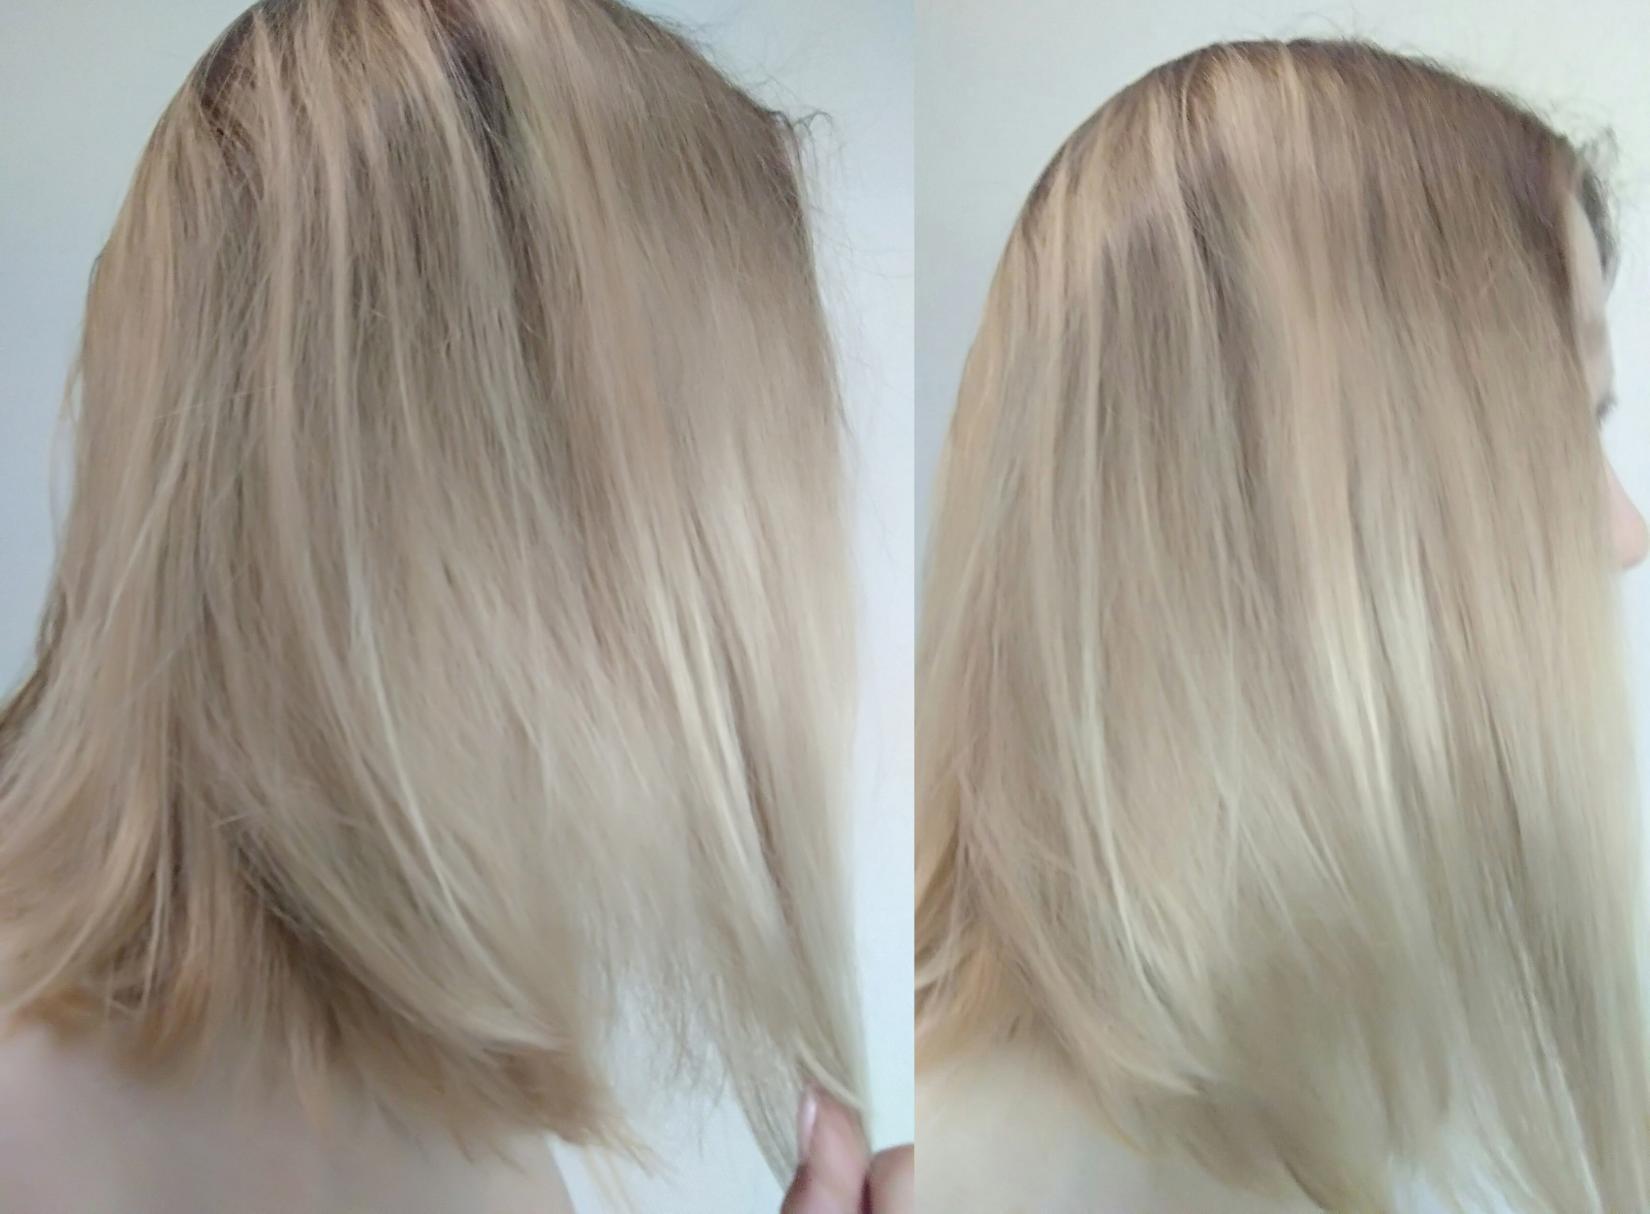 Шампунь matrix brass off — волосы после применения (фото)